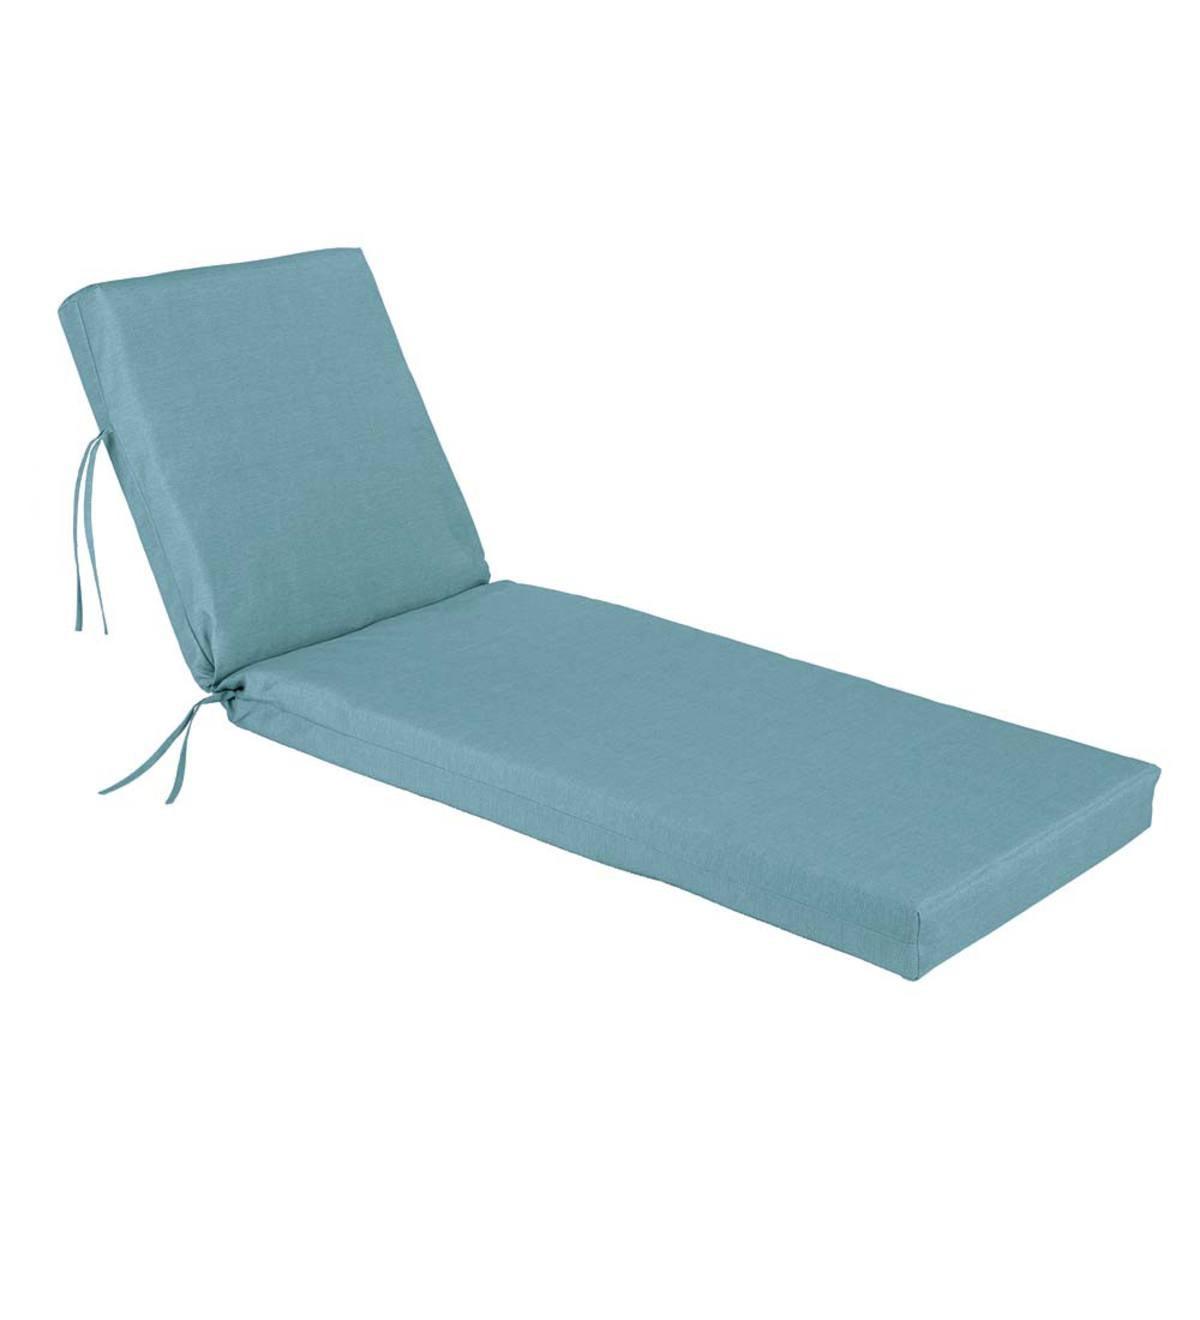 Shenandoah Outdoor Chaise Lounge Chair Cushion Plowhearth